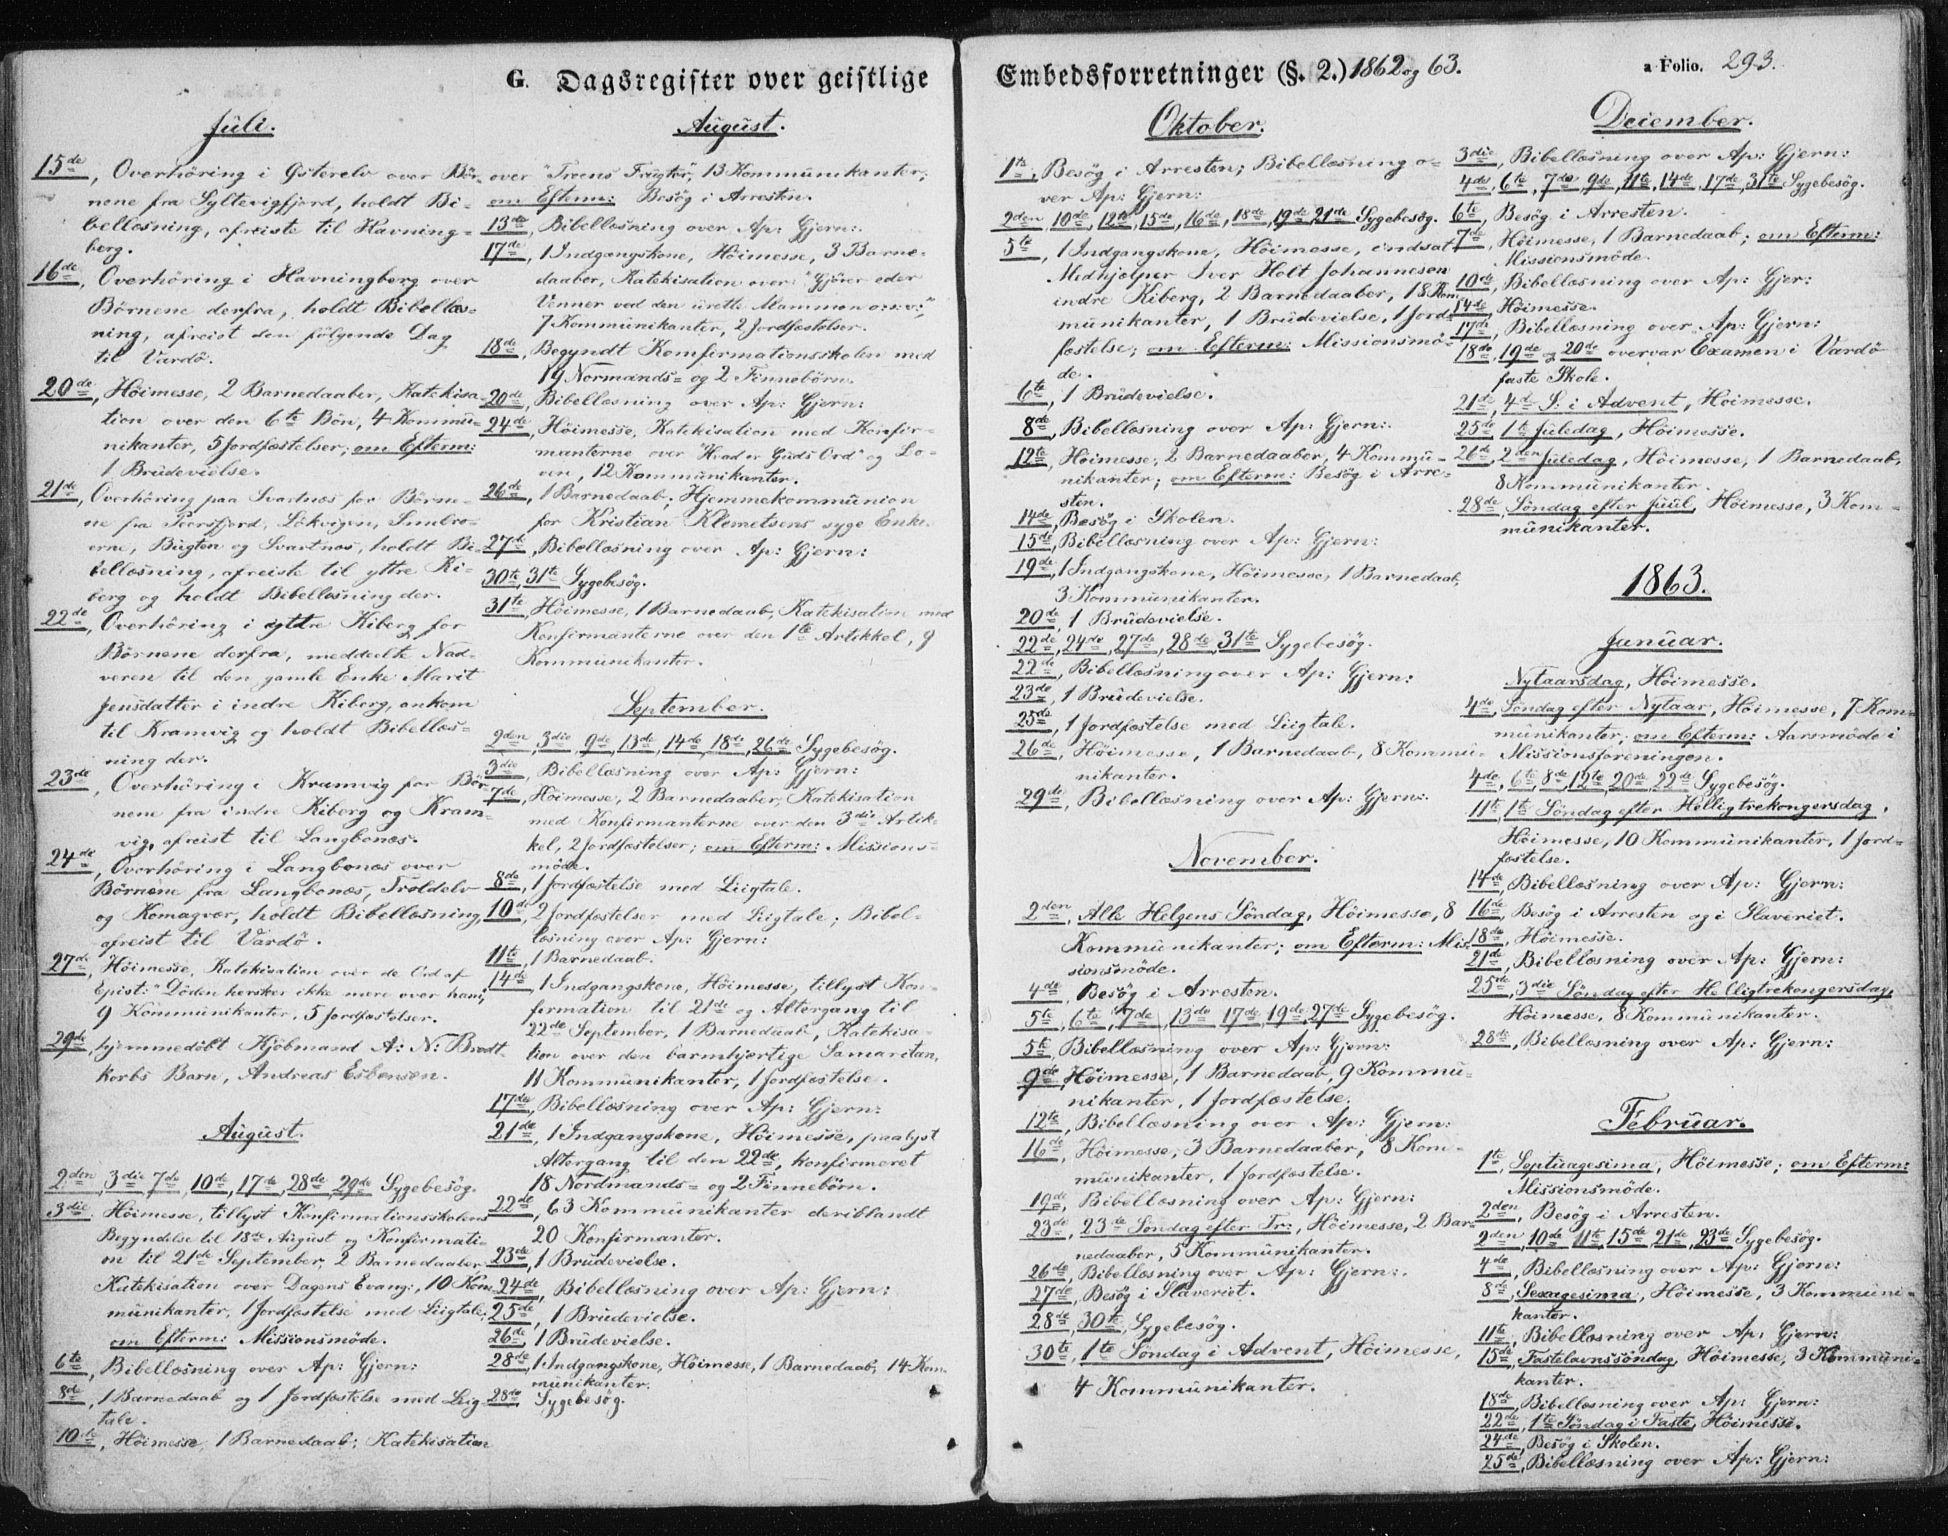 SATØ, Vardø sokneprestkontor, H/Ha/L0004kirke: Ministerialbok nr. 4, 1862-1871, s. 293